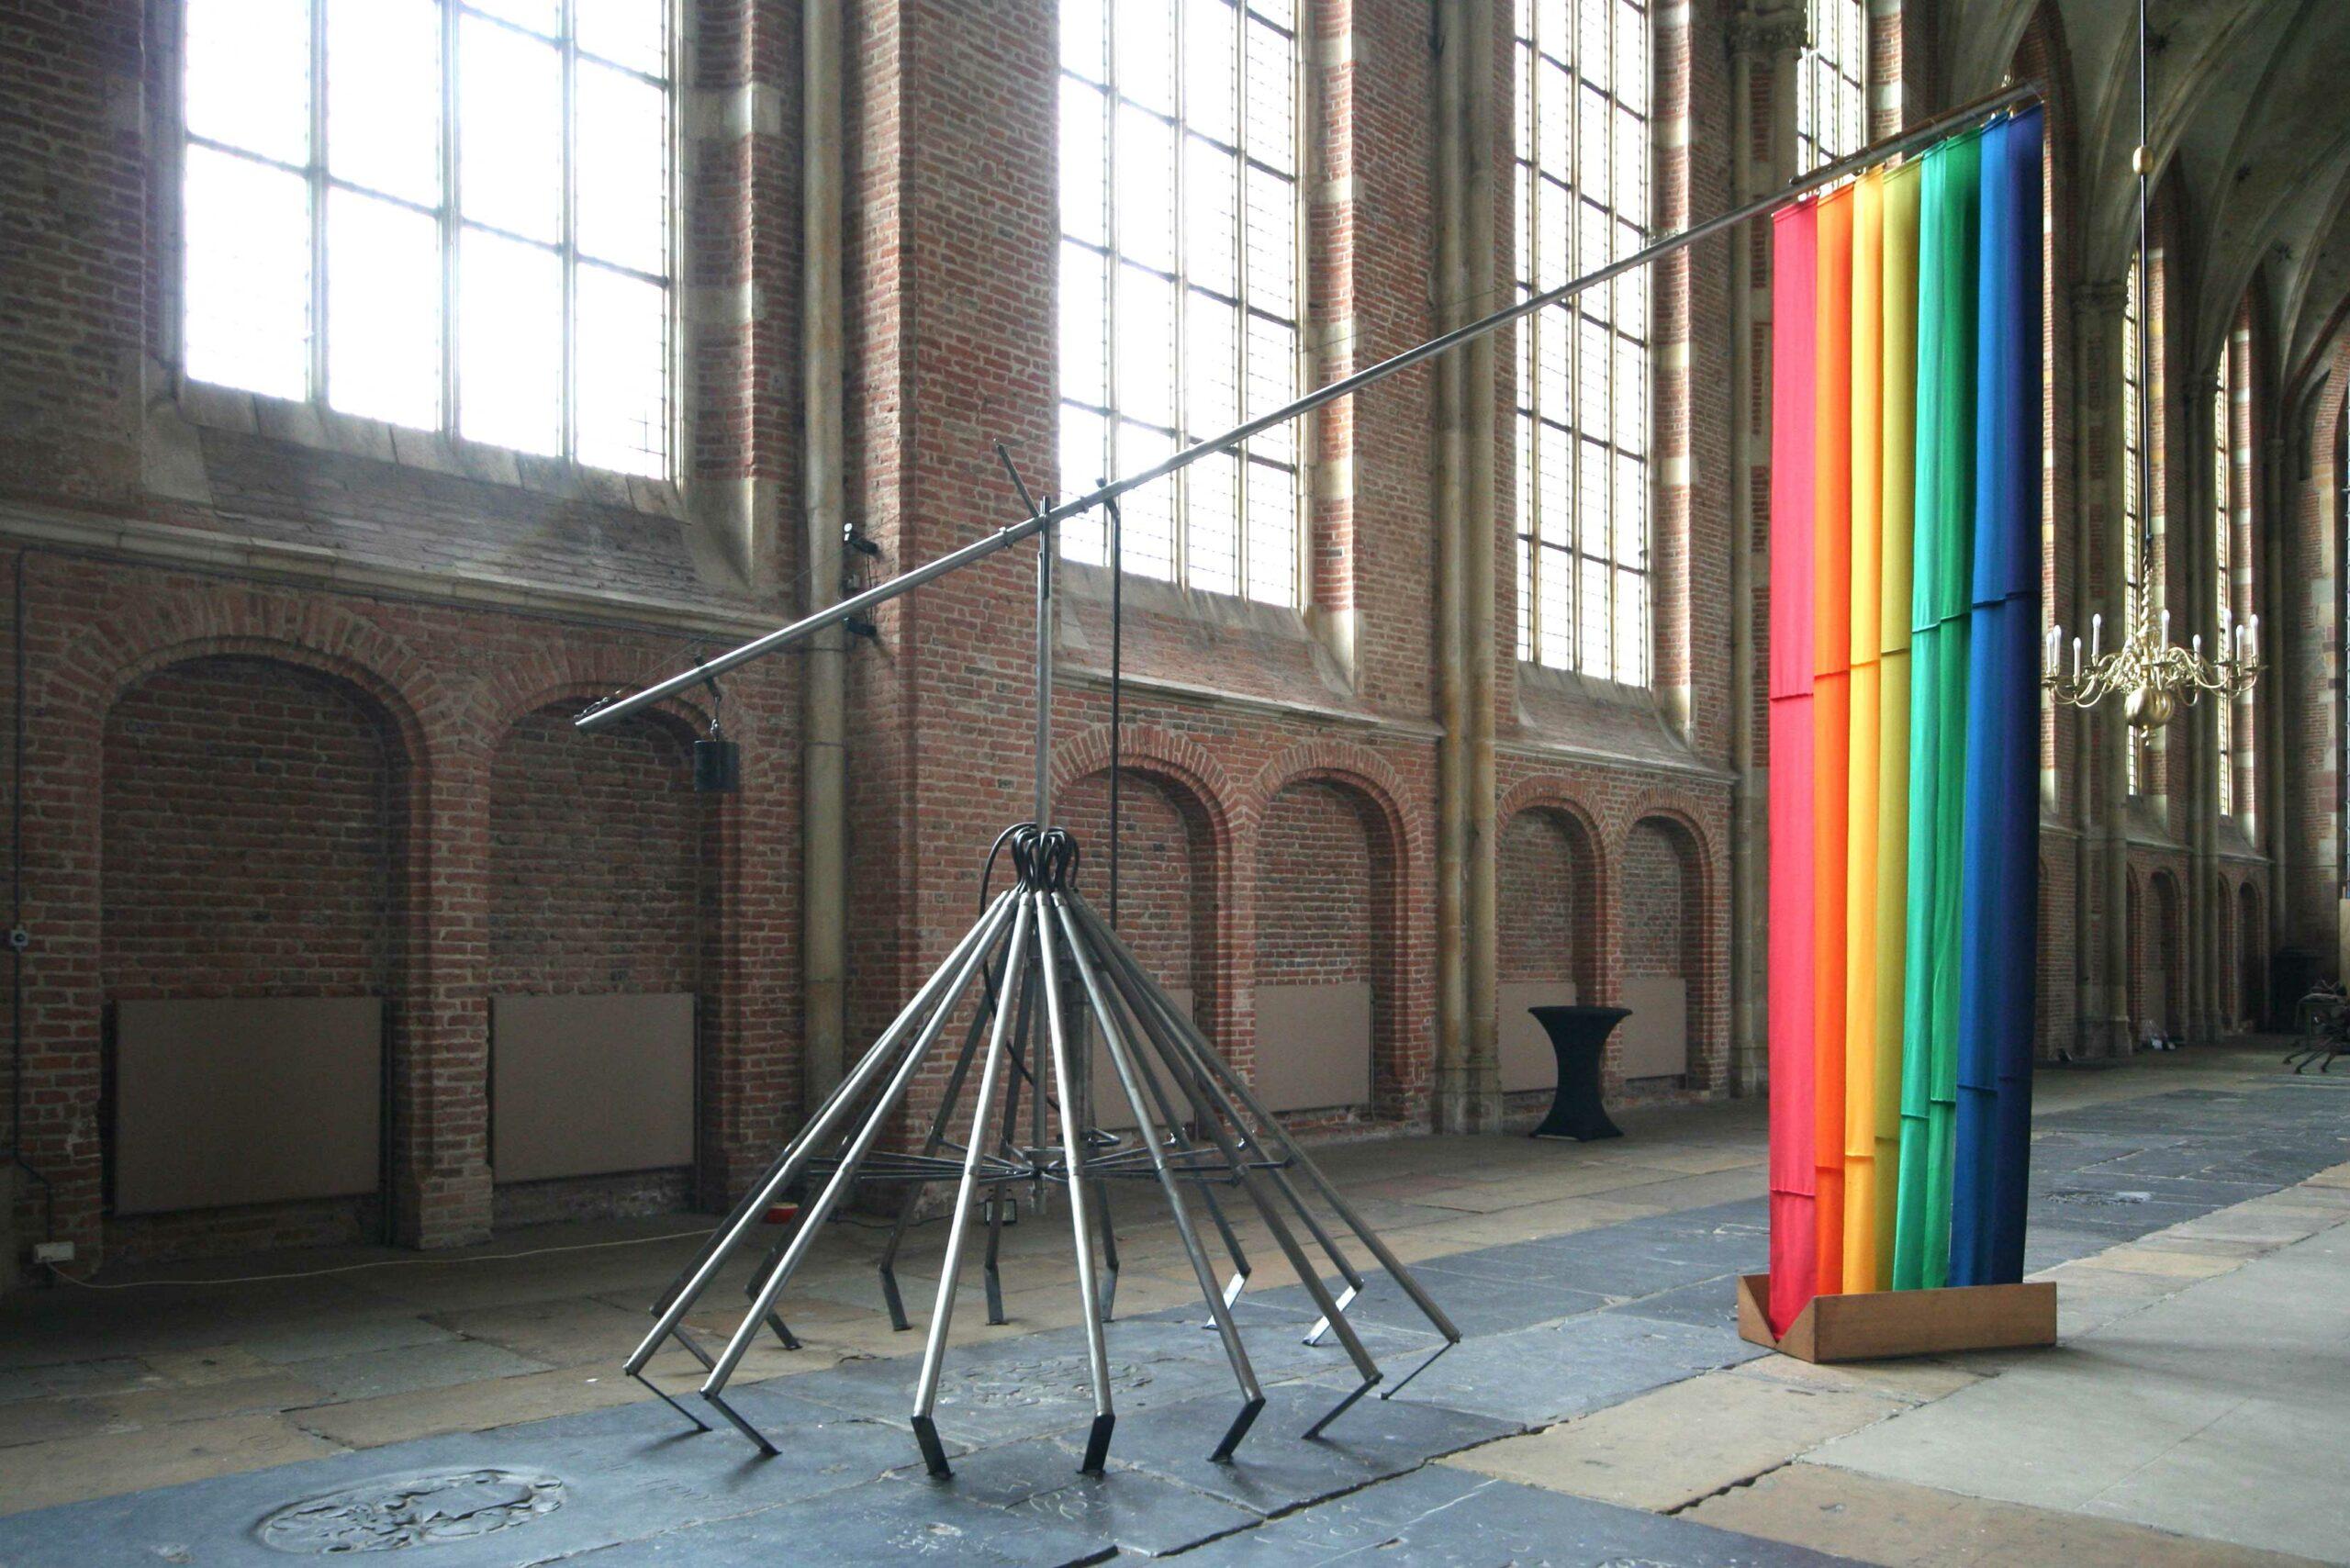 Regenboogmachine-Deventer